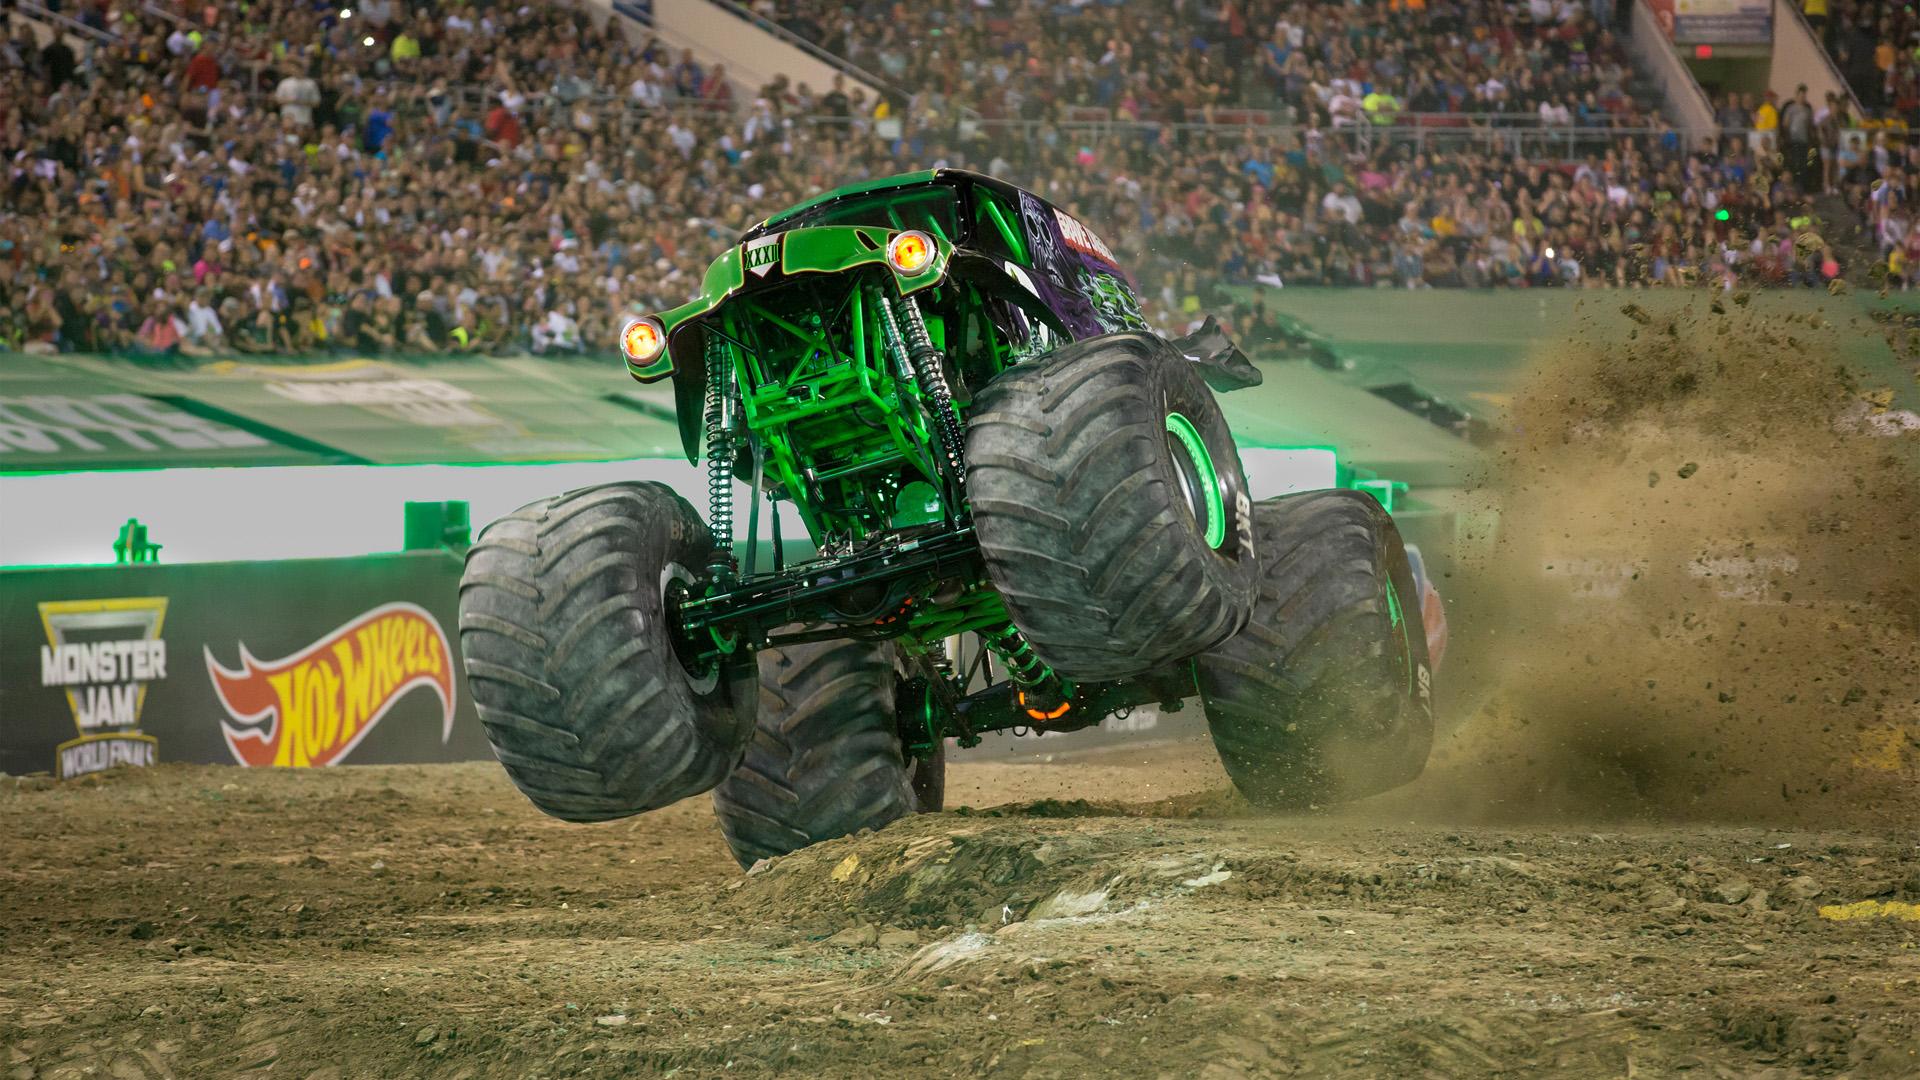 Los Monster Jam Trucks generan de 1.500 a 2.000 caballos de fuerza y son capaces de alcanzar velocidades de hasta 120 kilómetros.